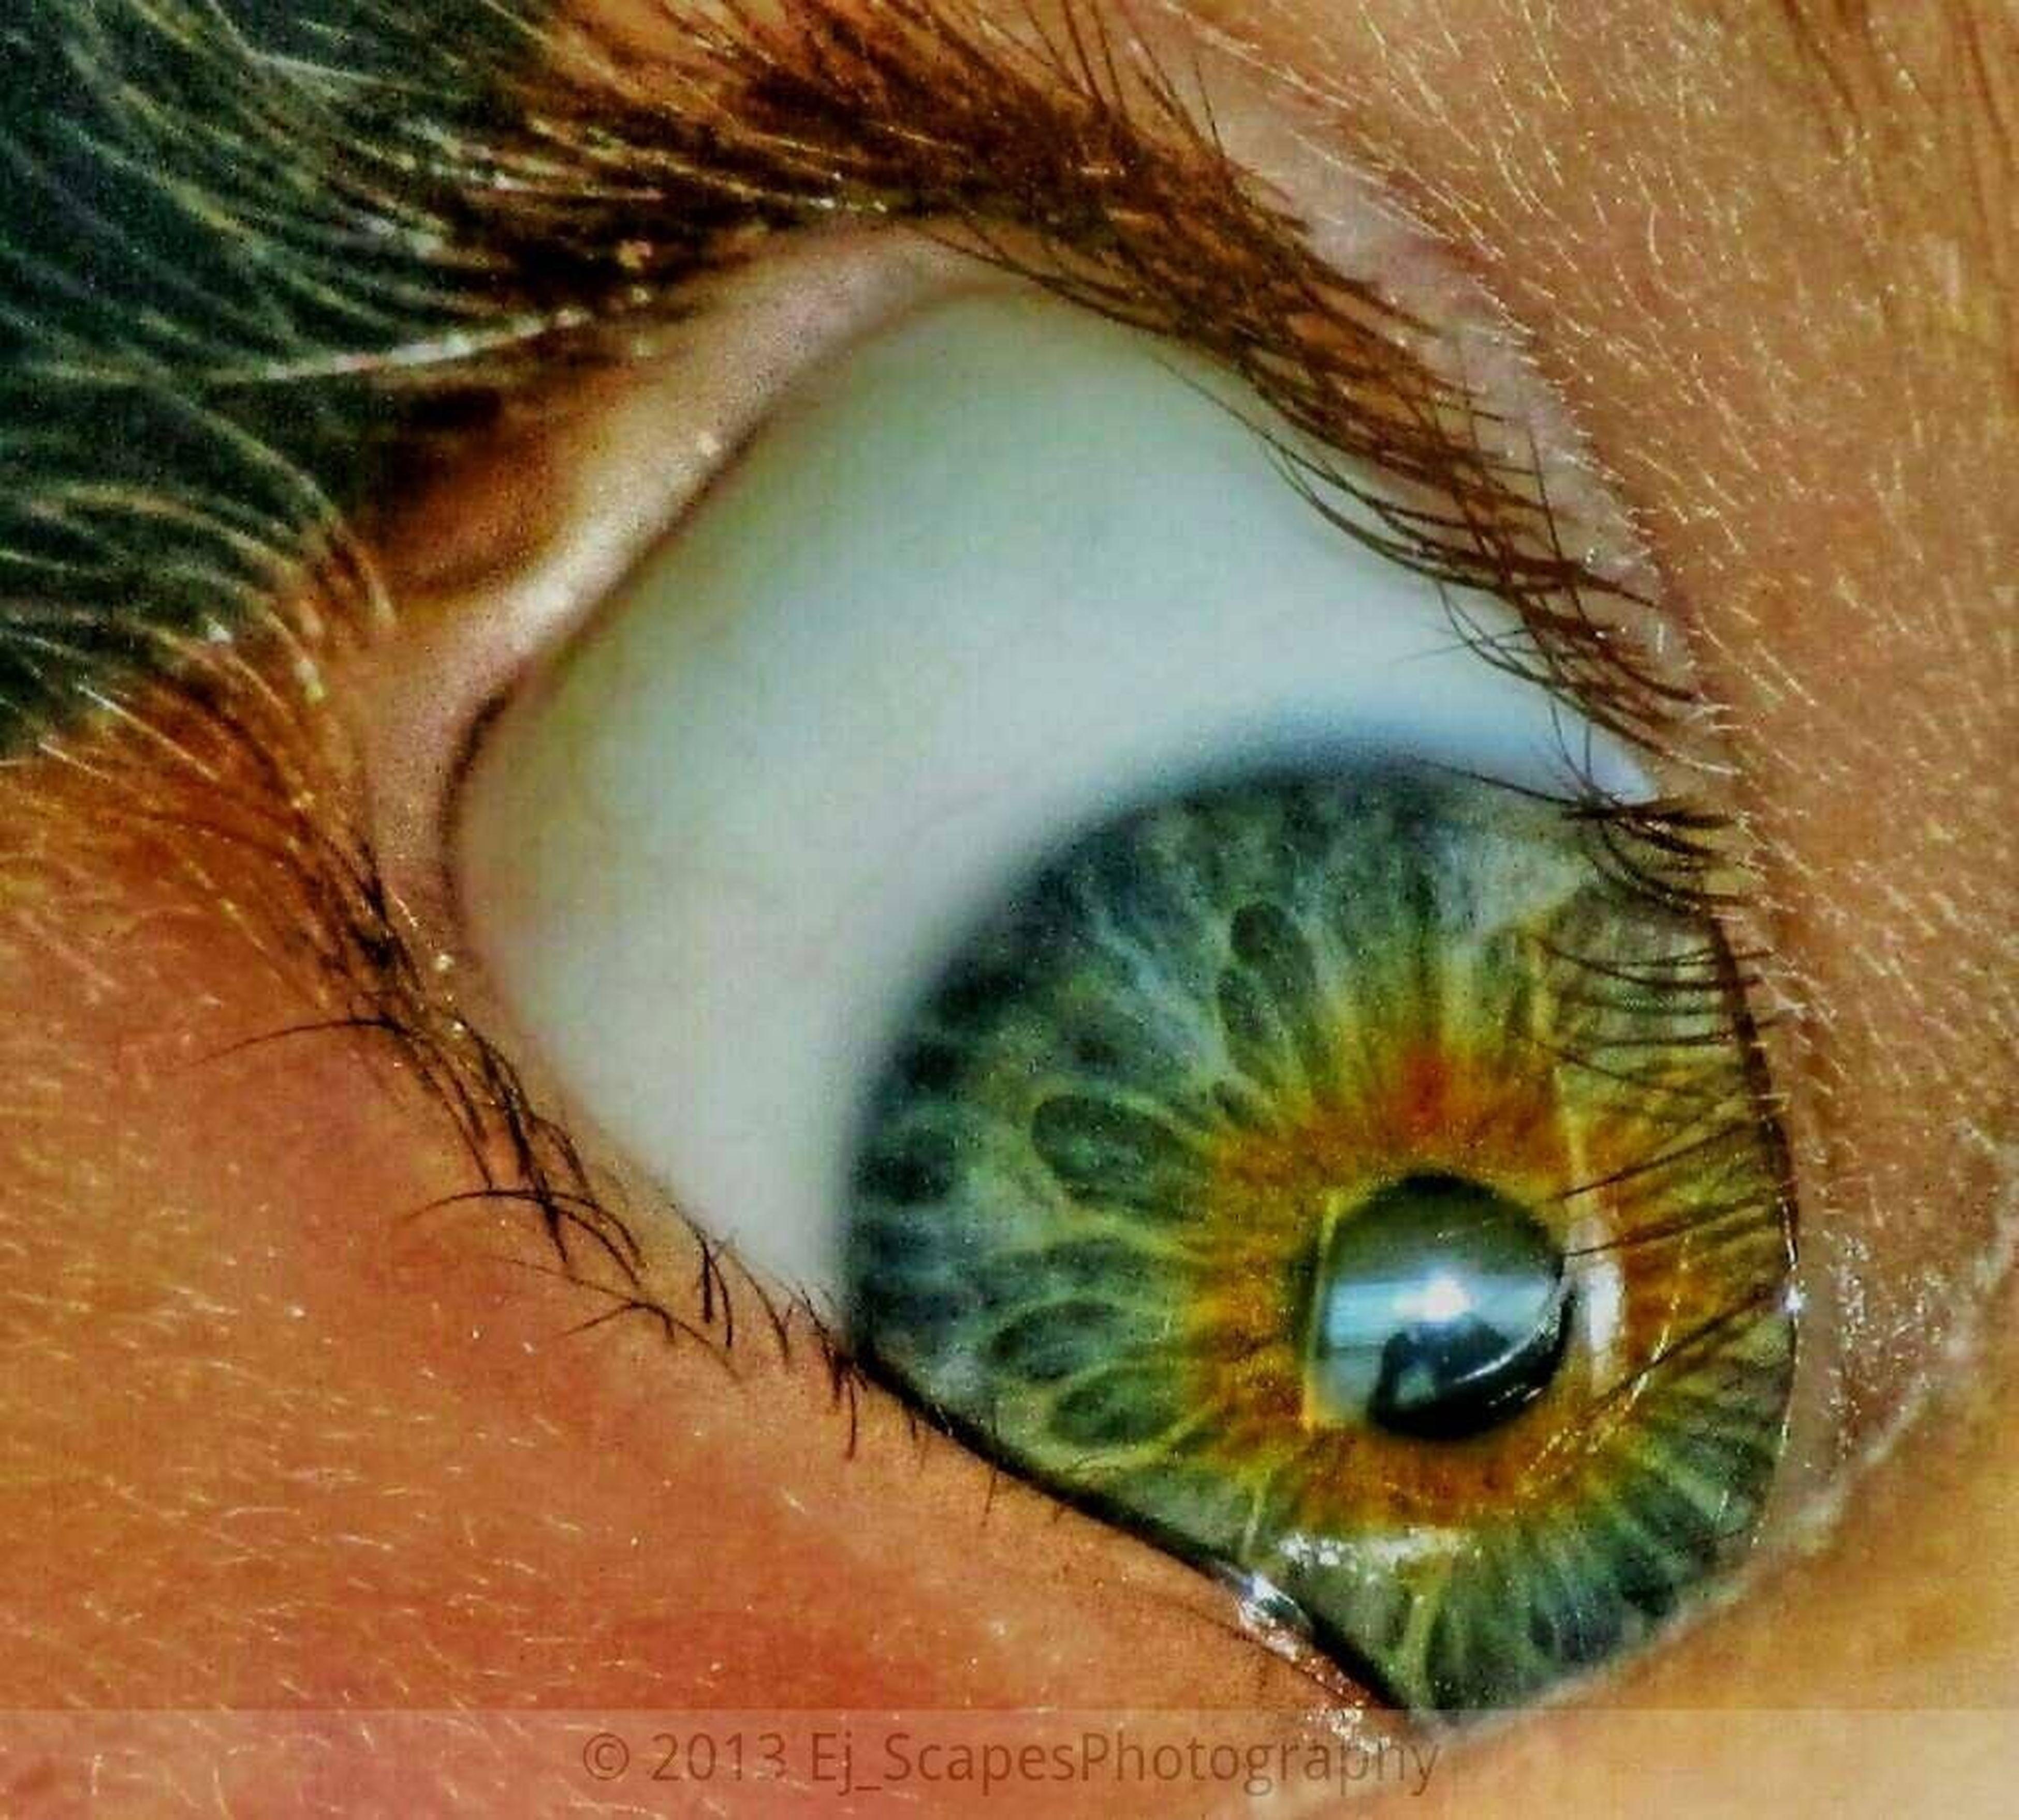 My daughter eye. EyeEm Best Edits Macro EyeEm Best Shots - HDR